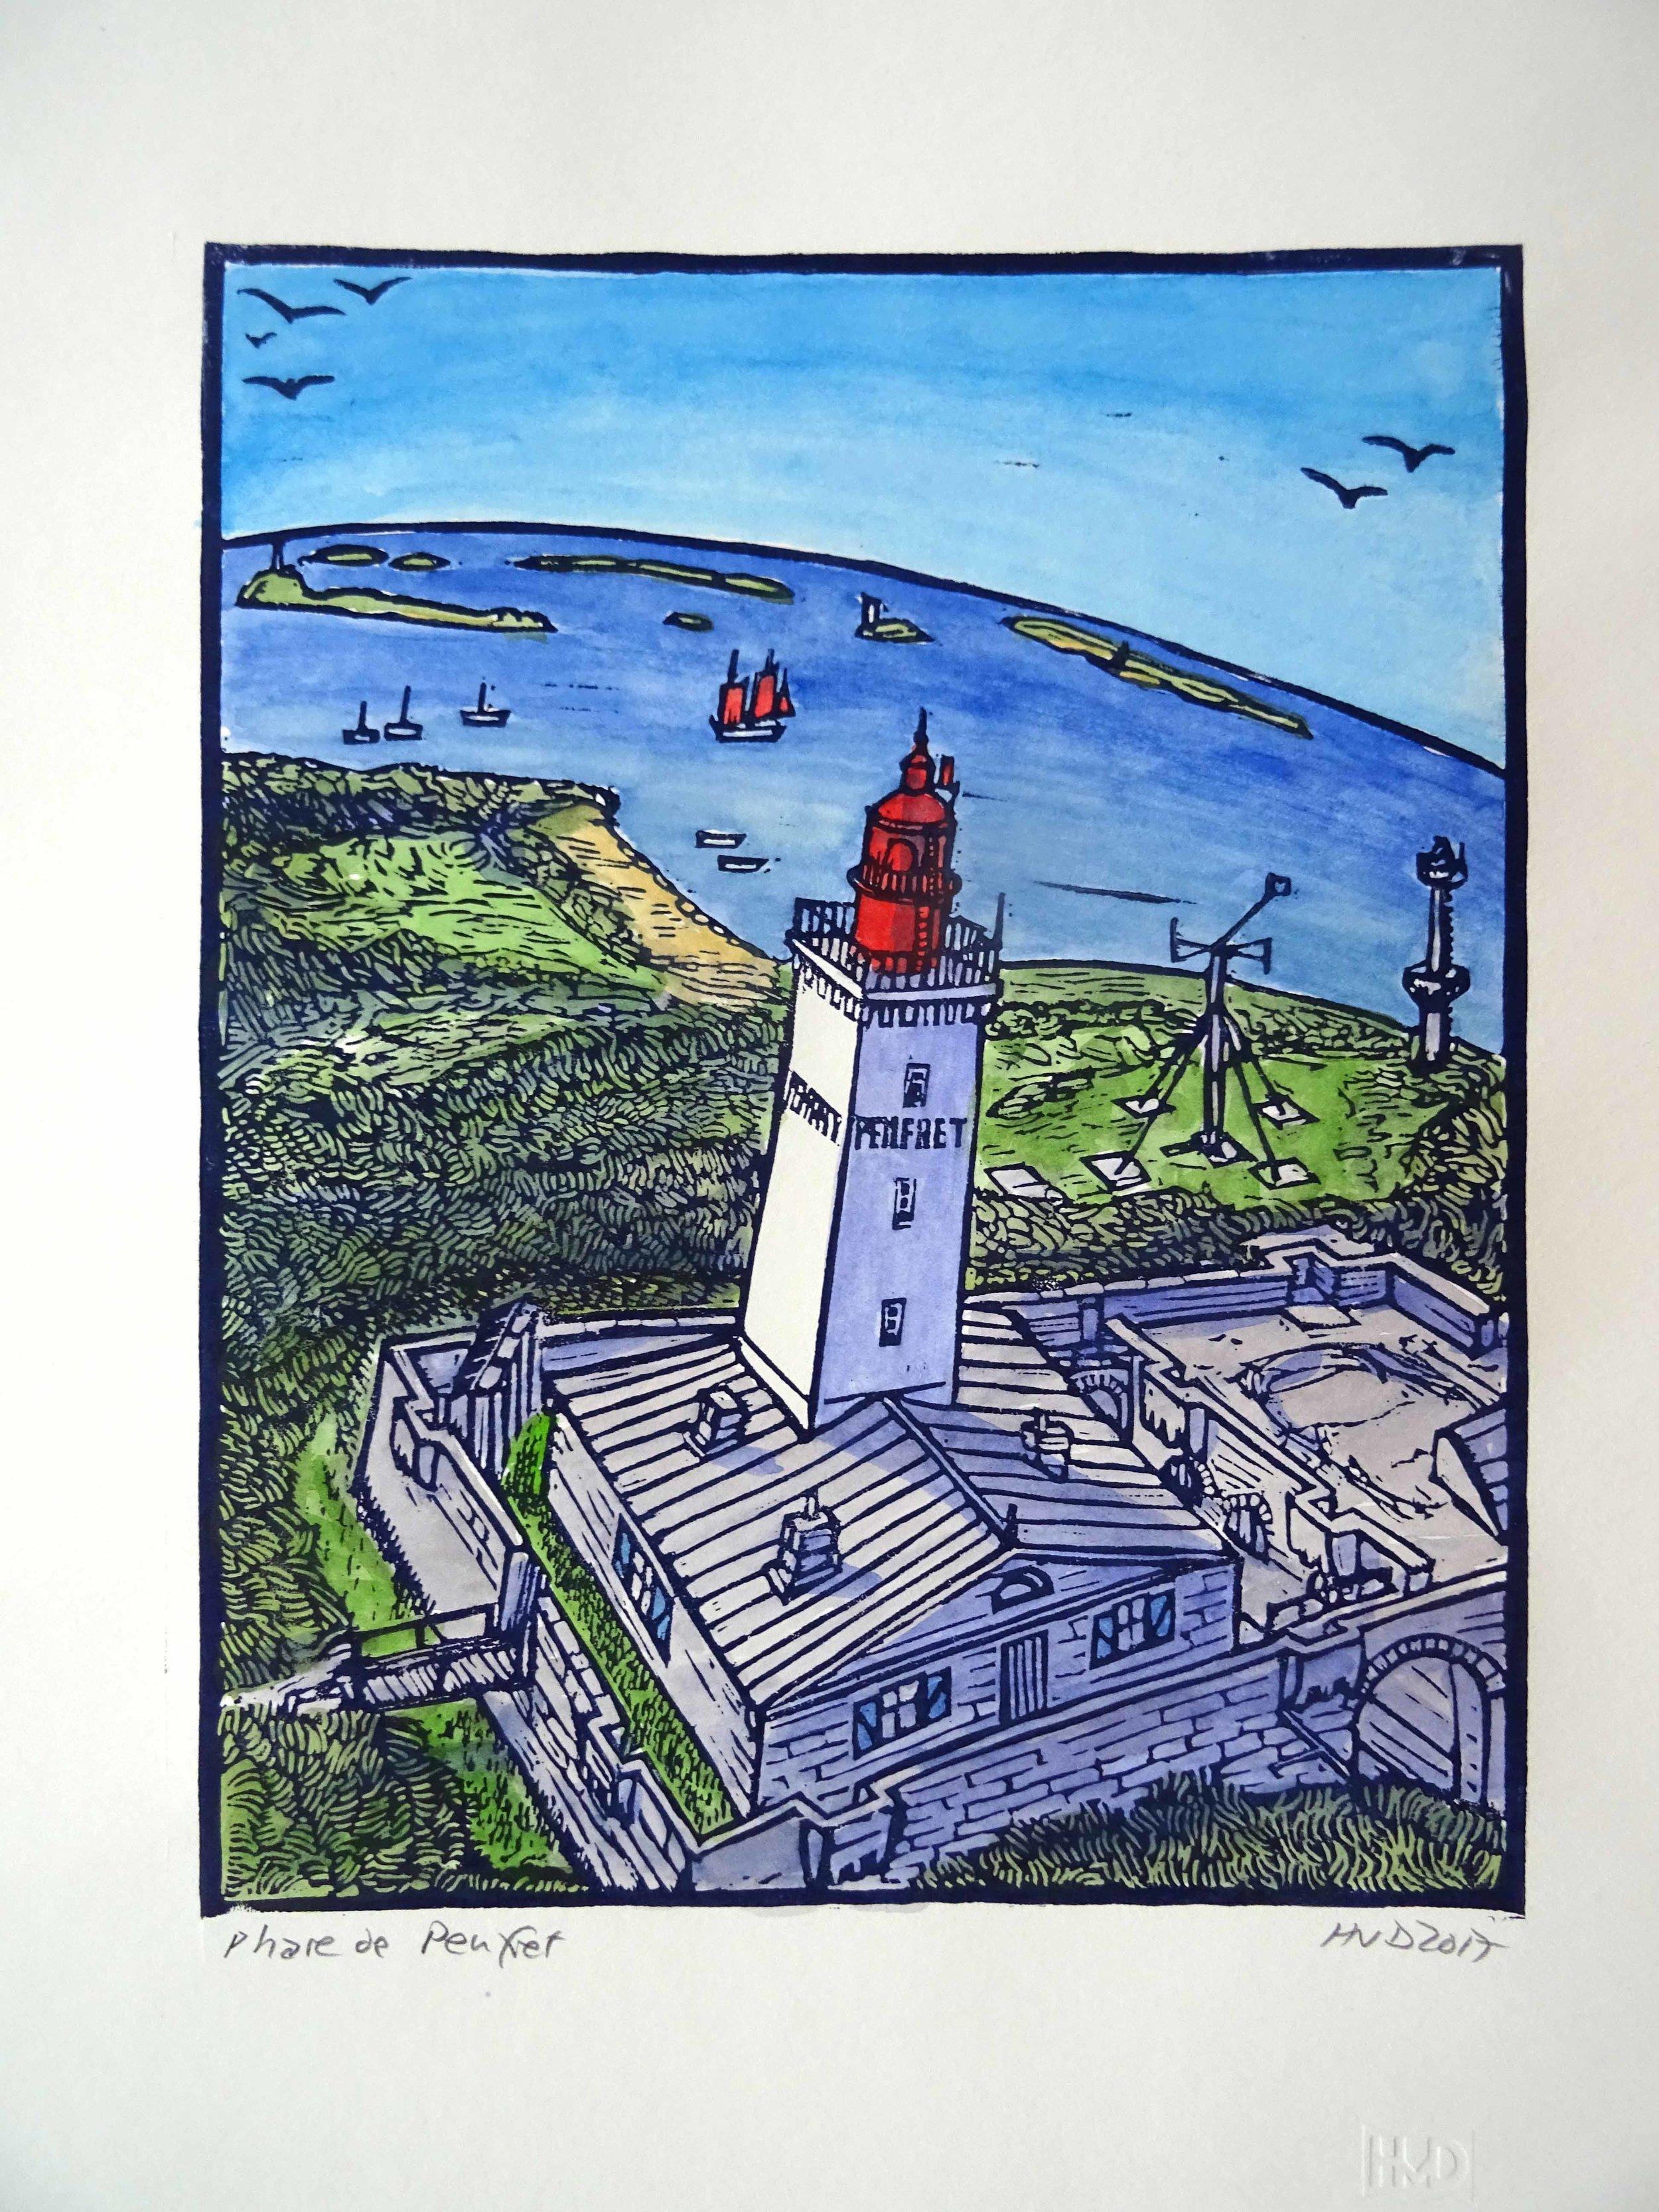 147 - Phare de Penfret, coloured lino, 29x30 cm, 100 €